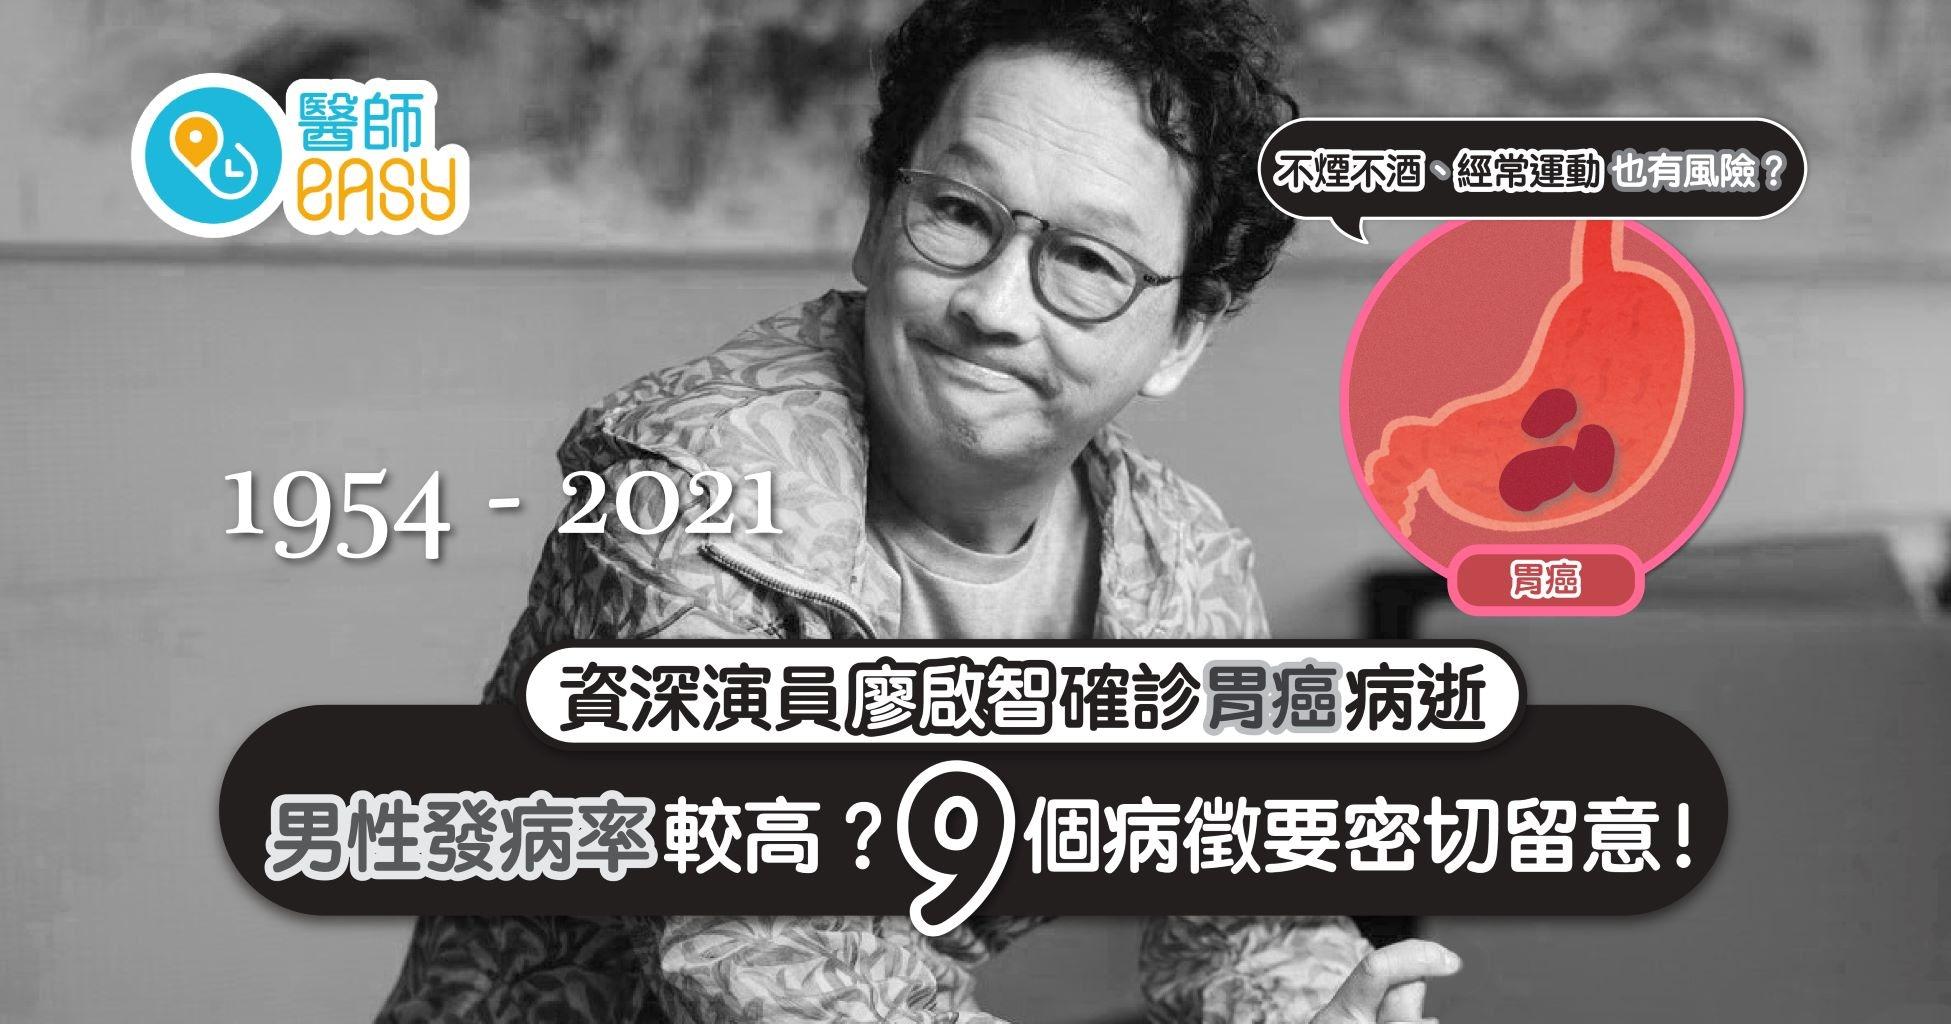 智叔病逝︱廖啟智不敵胃癌 醫生列舉高危習慣 及早診斷增存活率